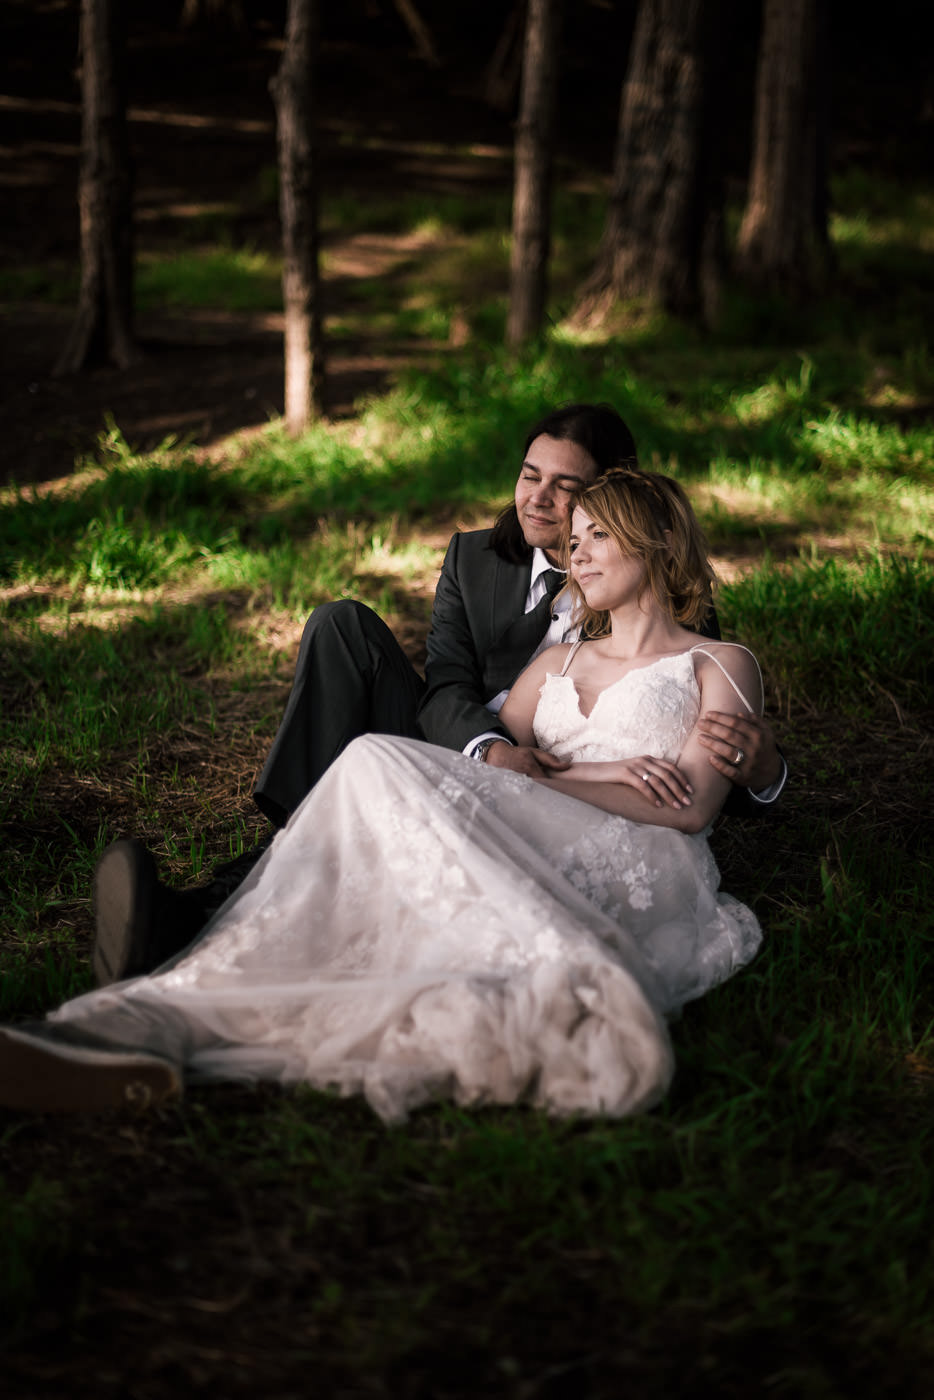 Best adventure elopement photographer in California.